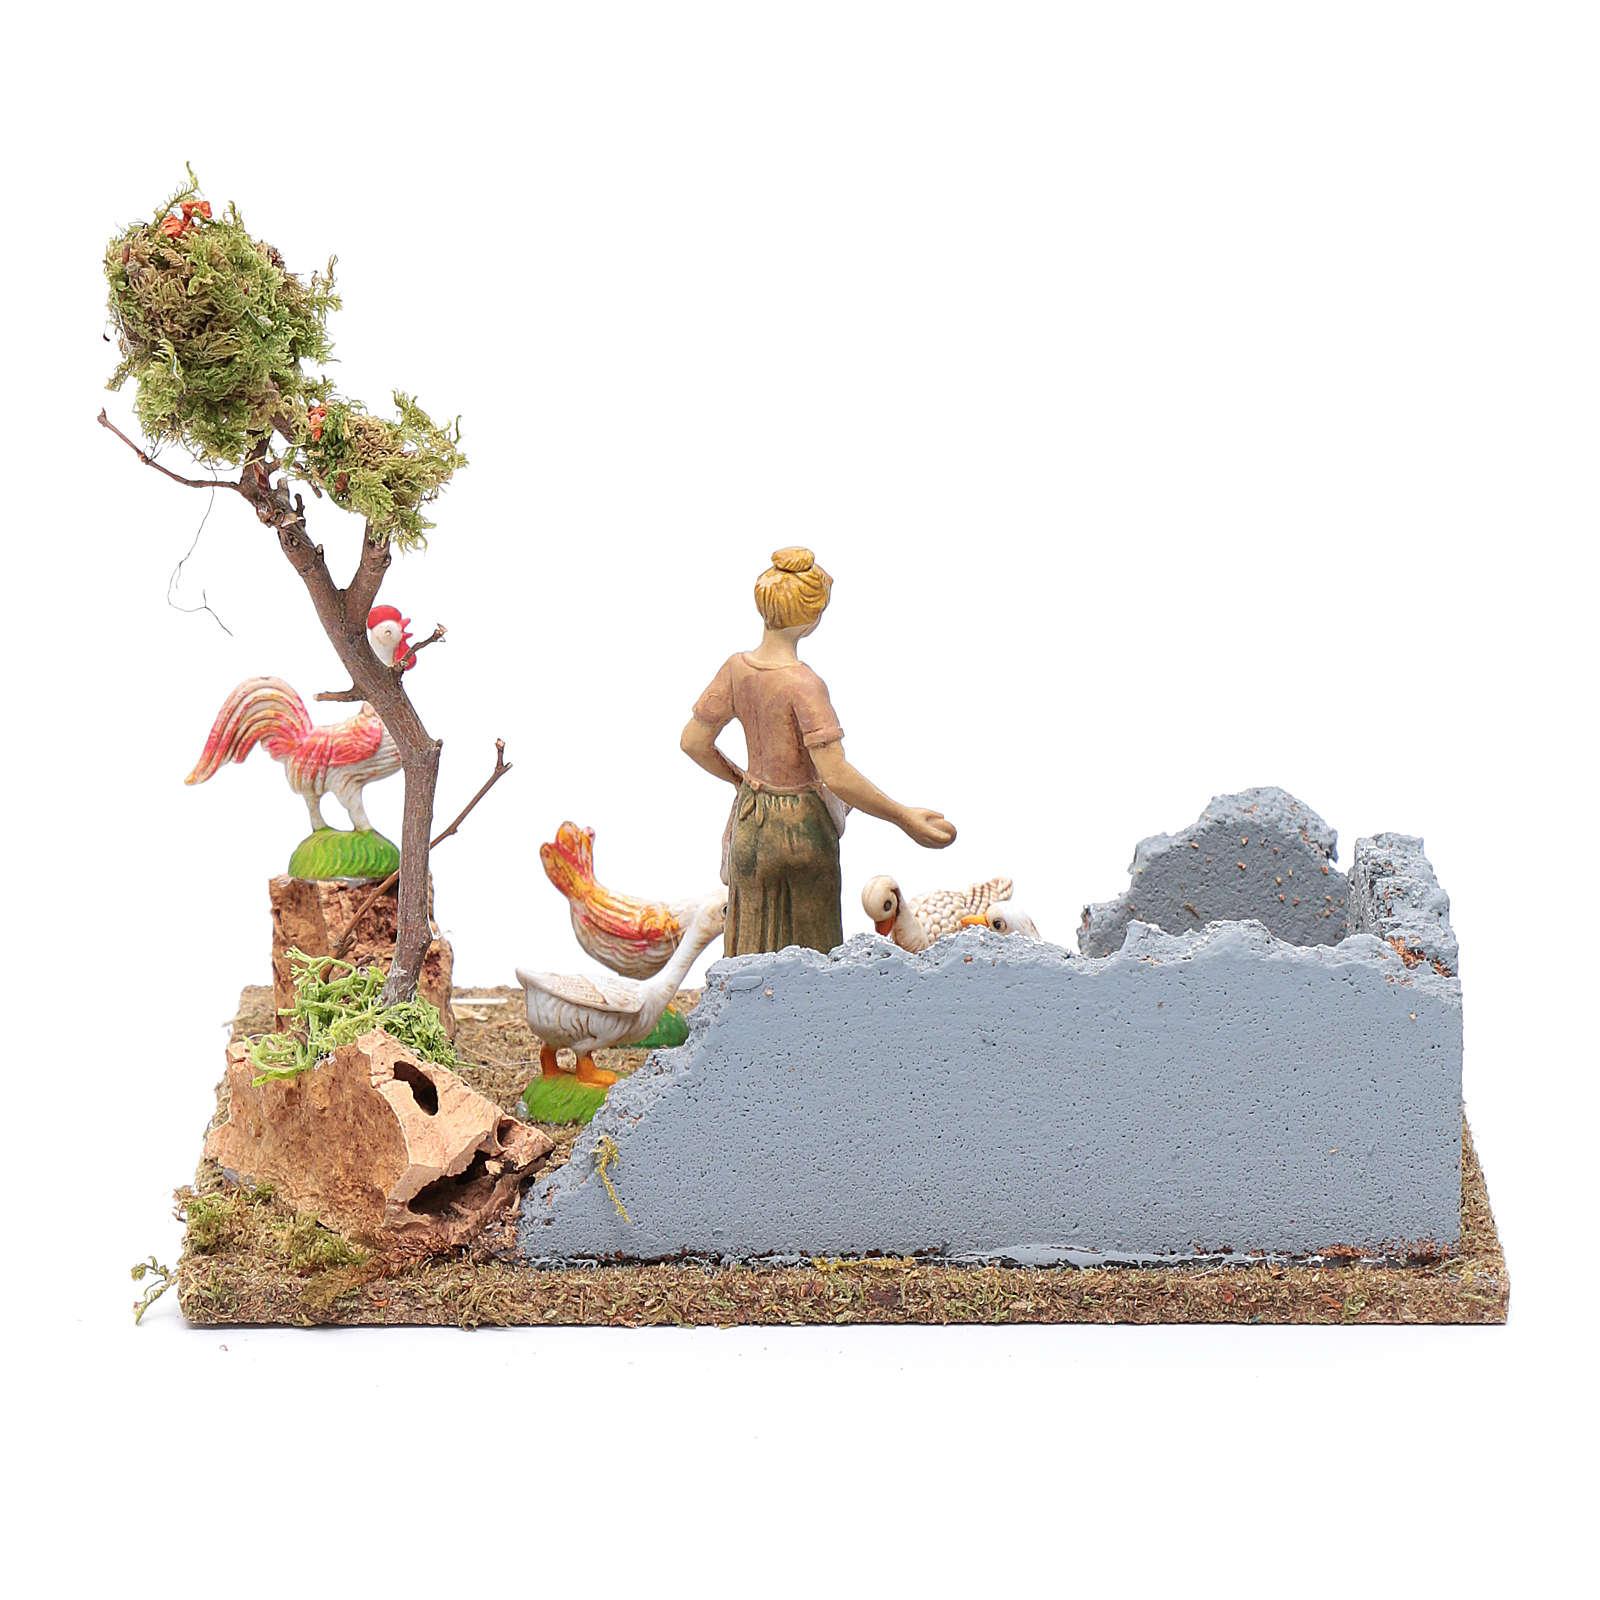 Bäuerin im Hühnerstall 15x20x15 cm für DIY-Krippe 3